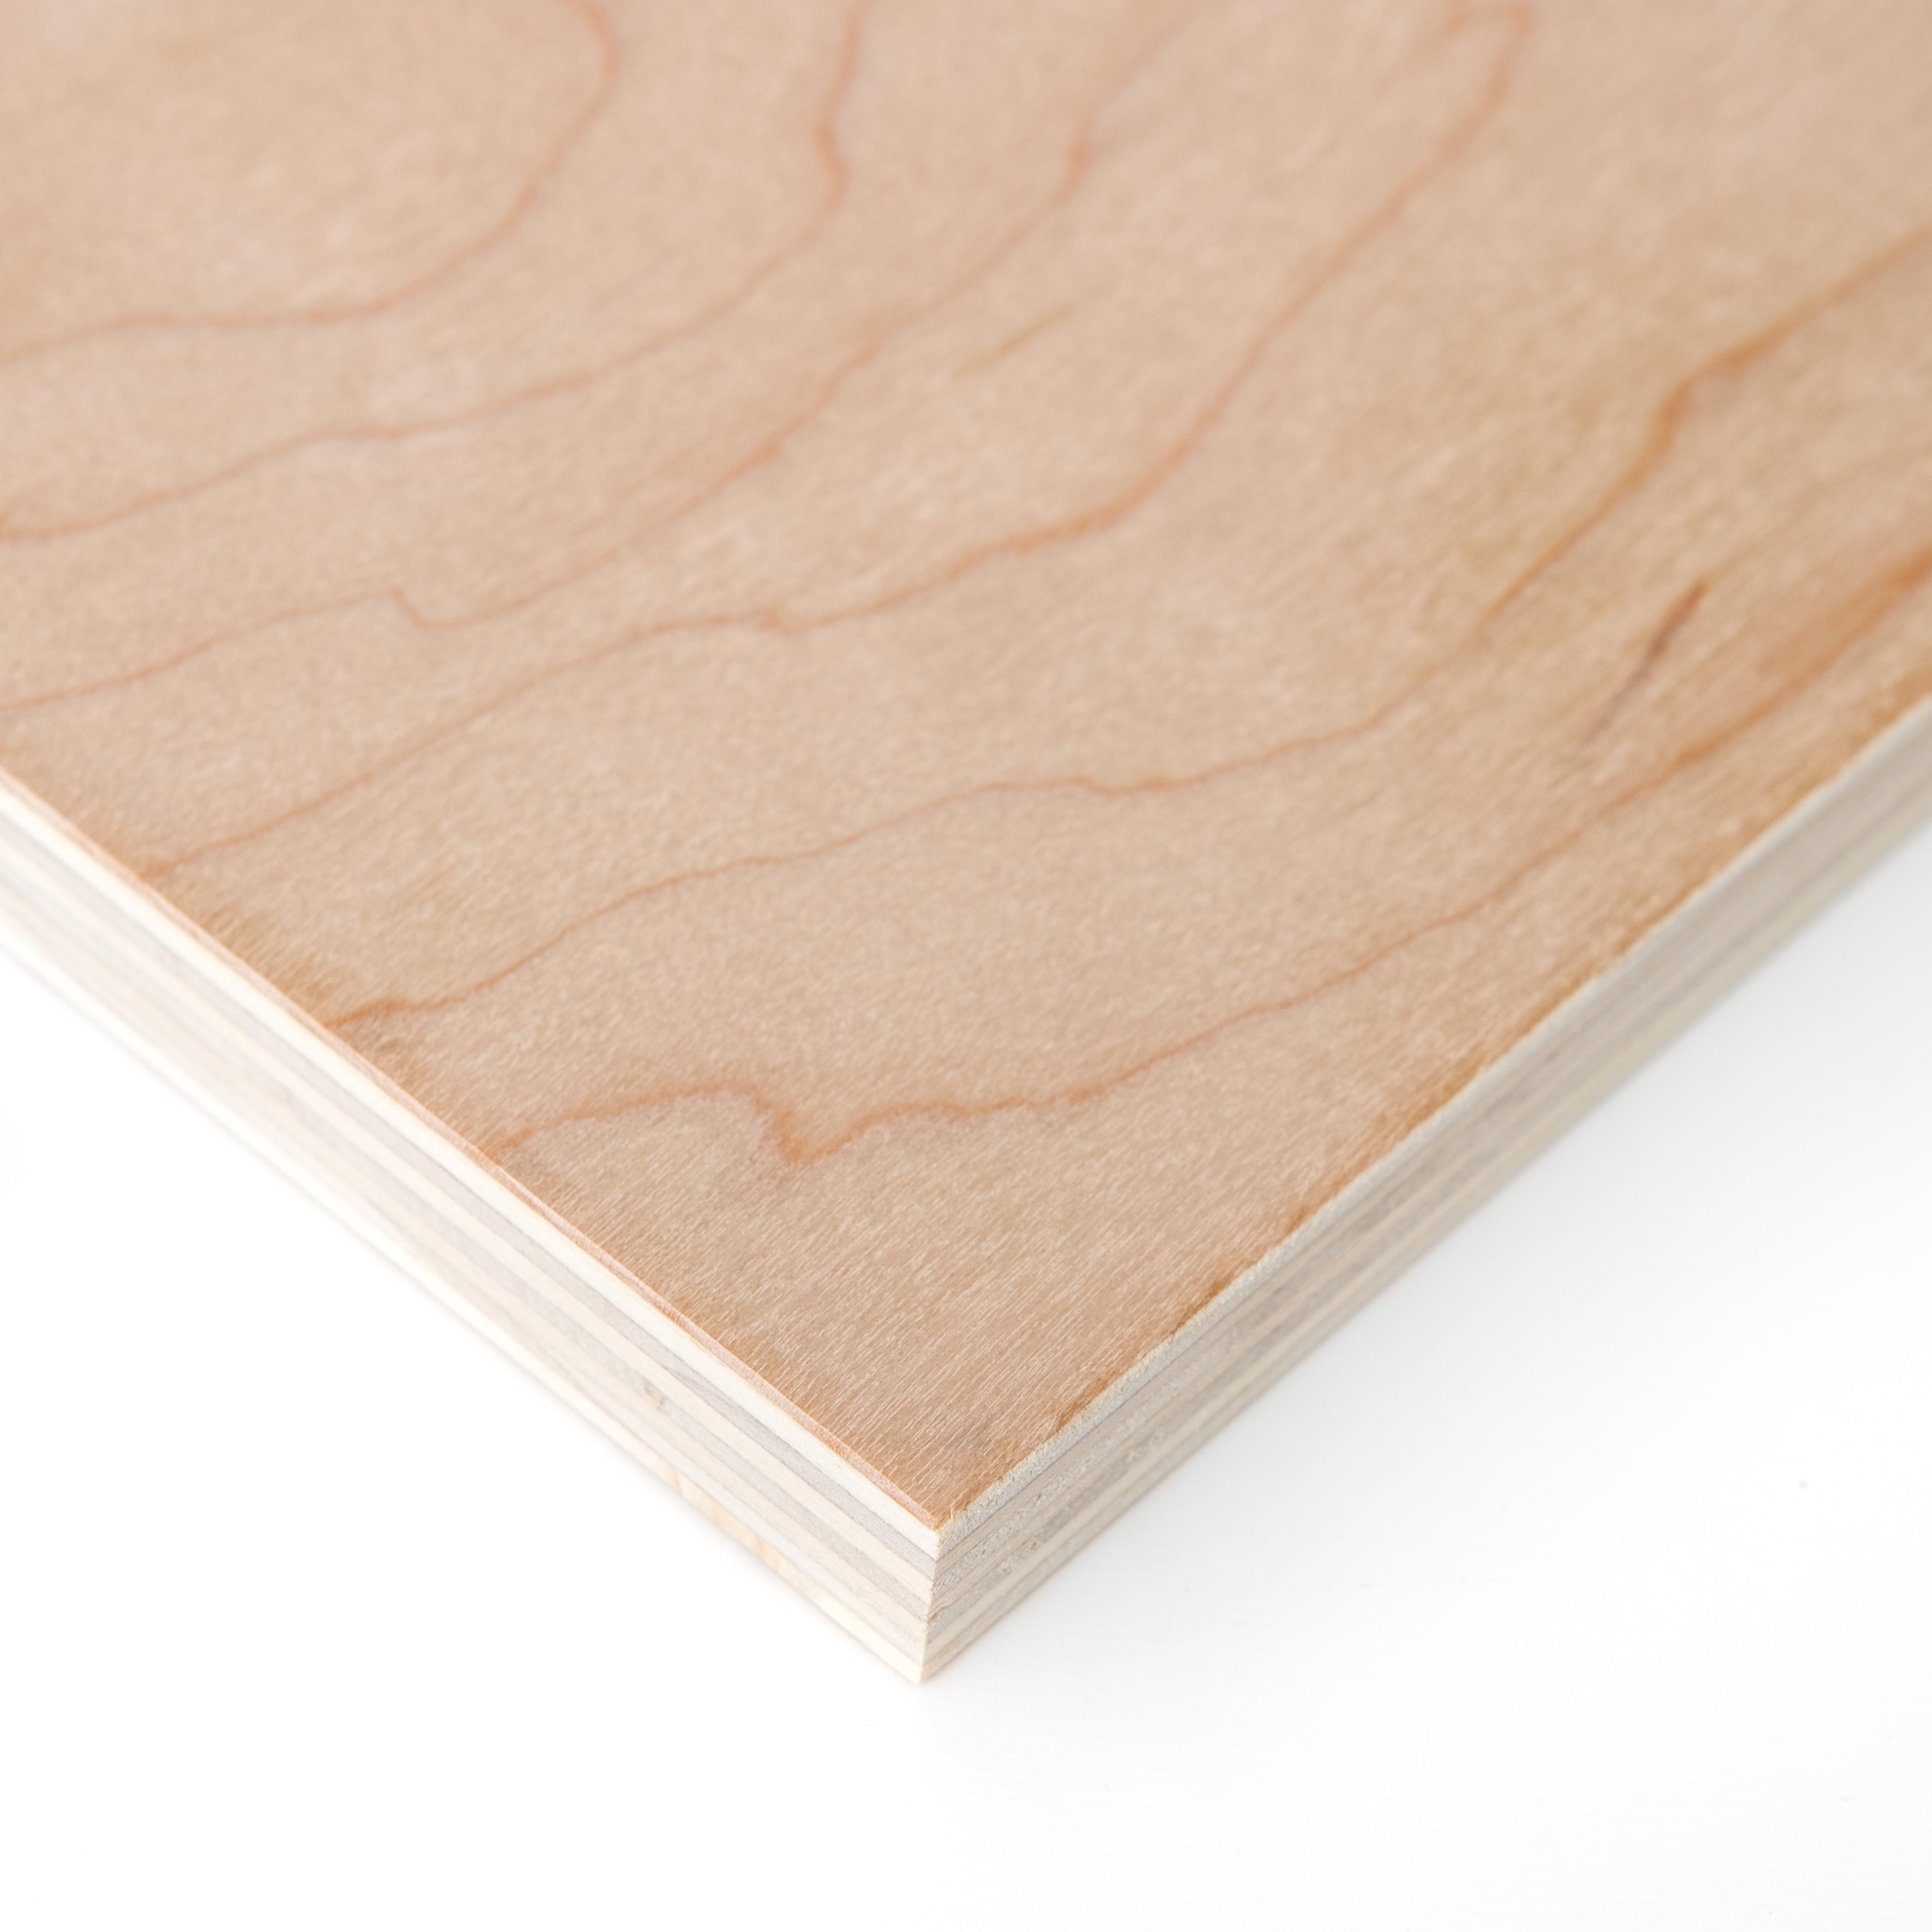 Poplar Veneered Plywood Pgwood Lv